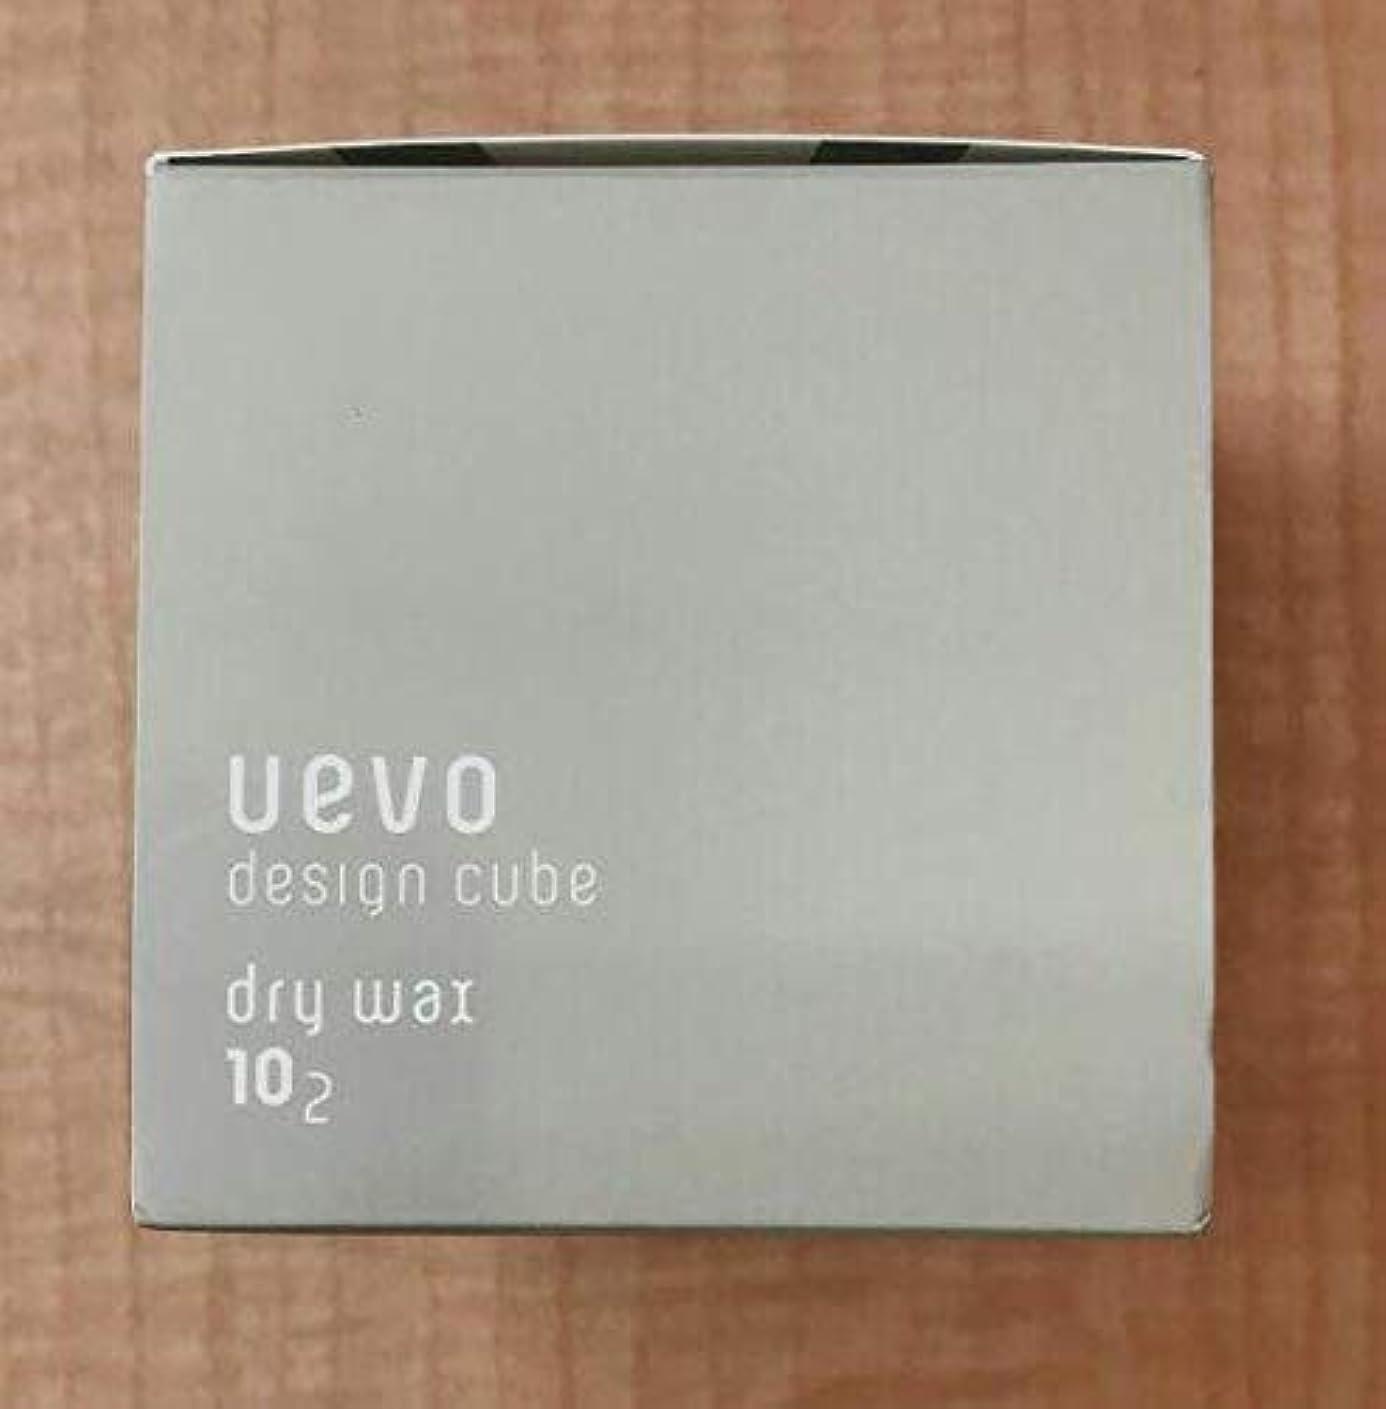 に付ける東方振動する【X2個セット】 デミ ウェーボ デザインキューブ ドライワックス 80g dry wax